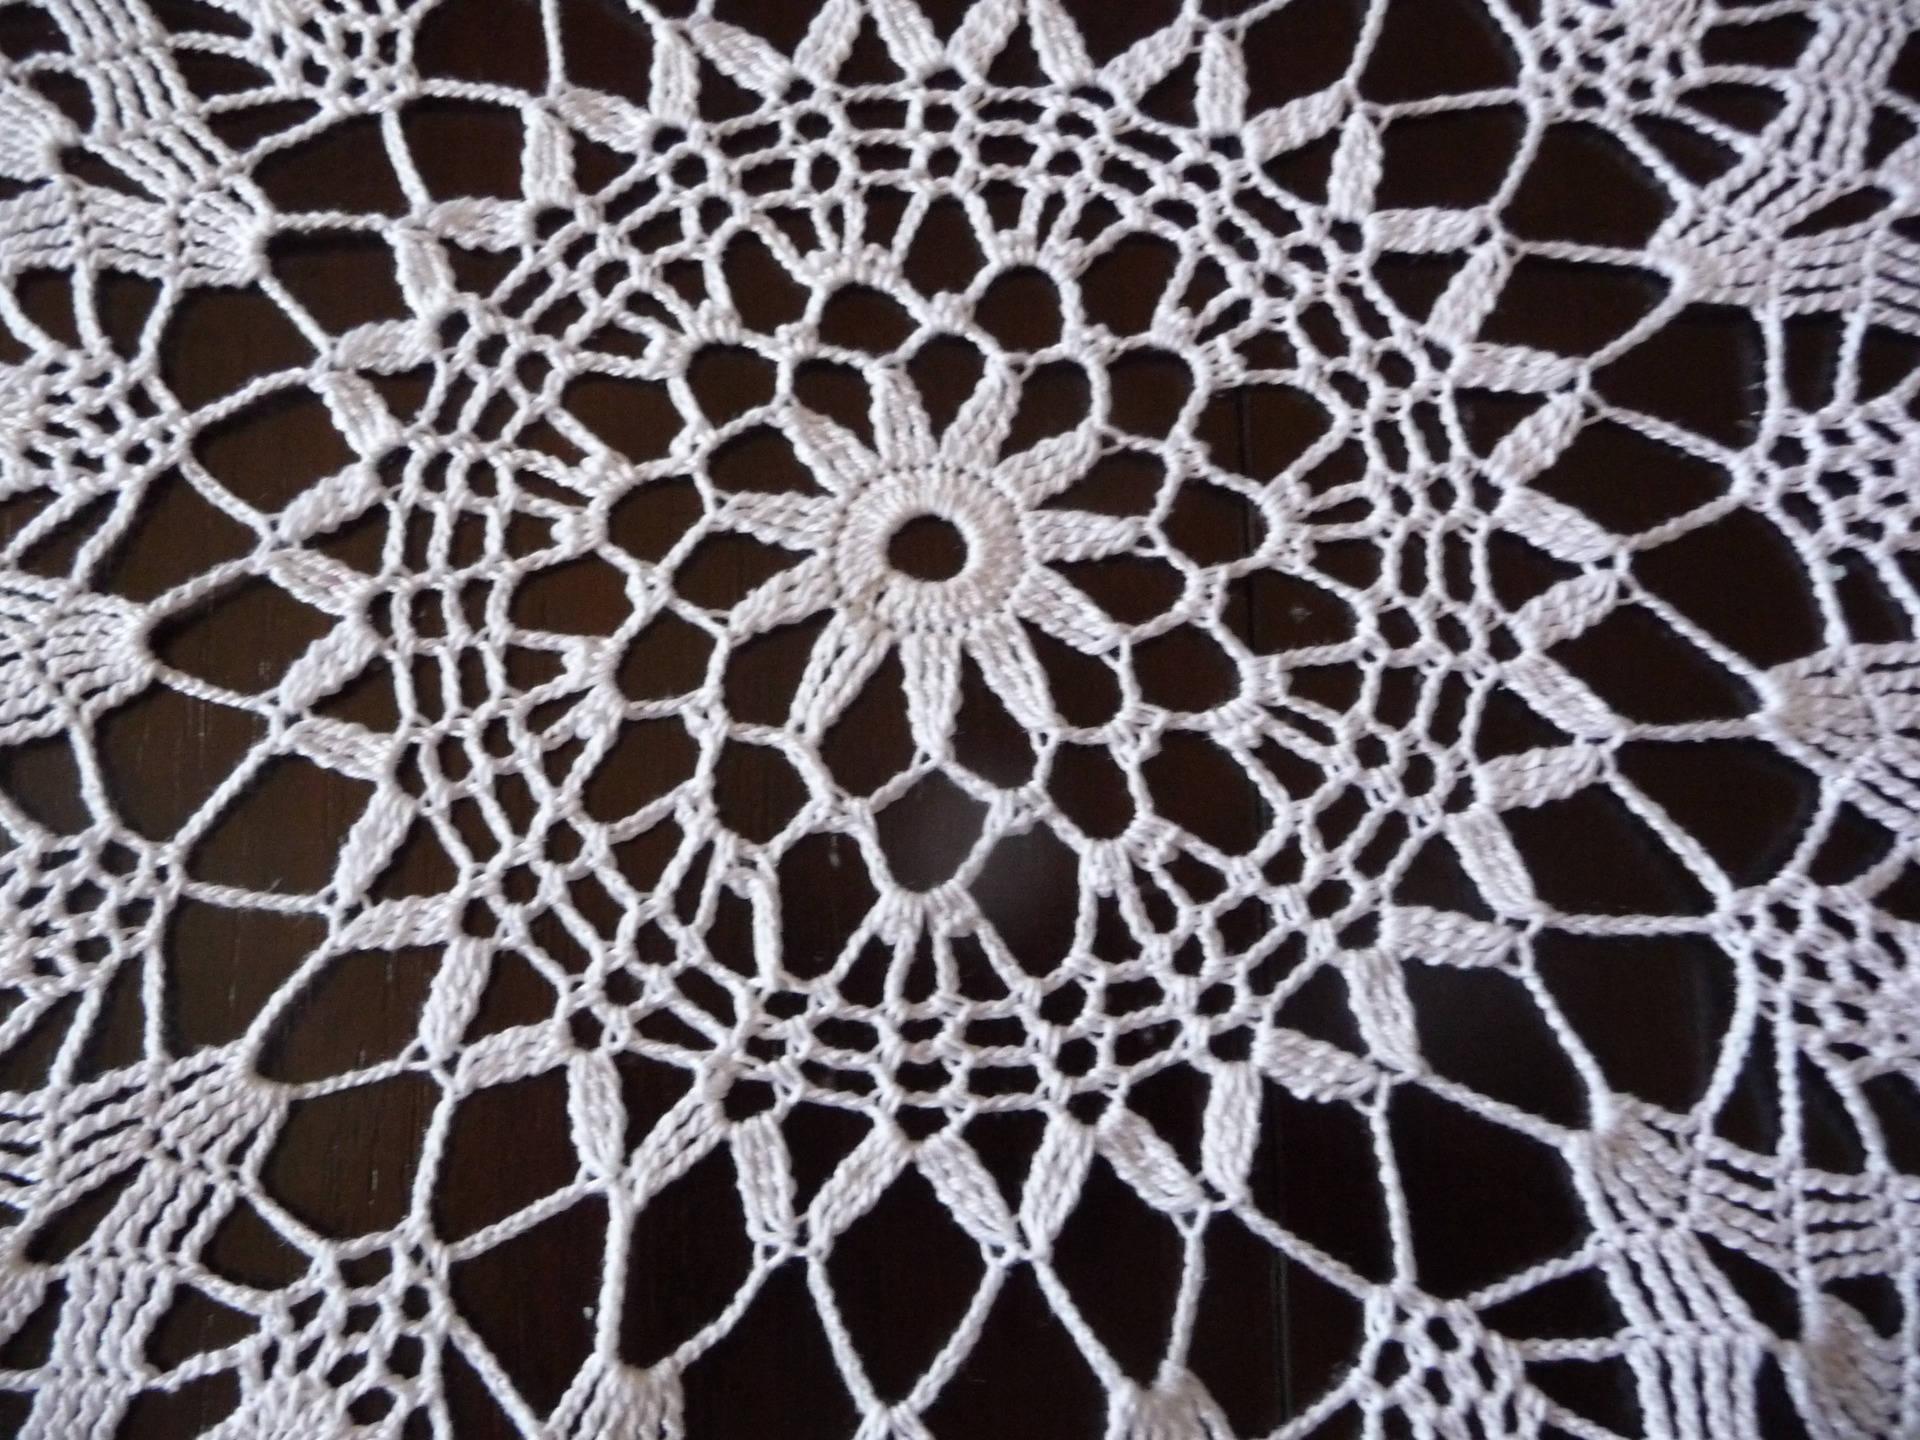 Napperon au crochet fait main en coton  blanc.